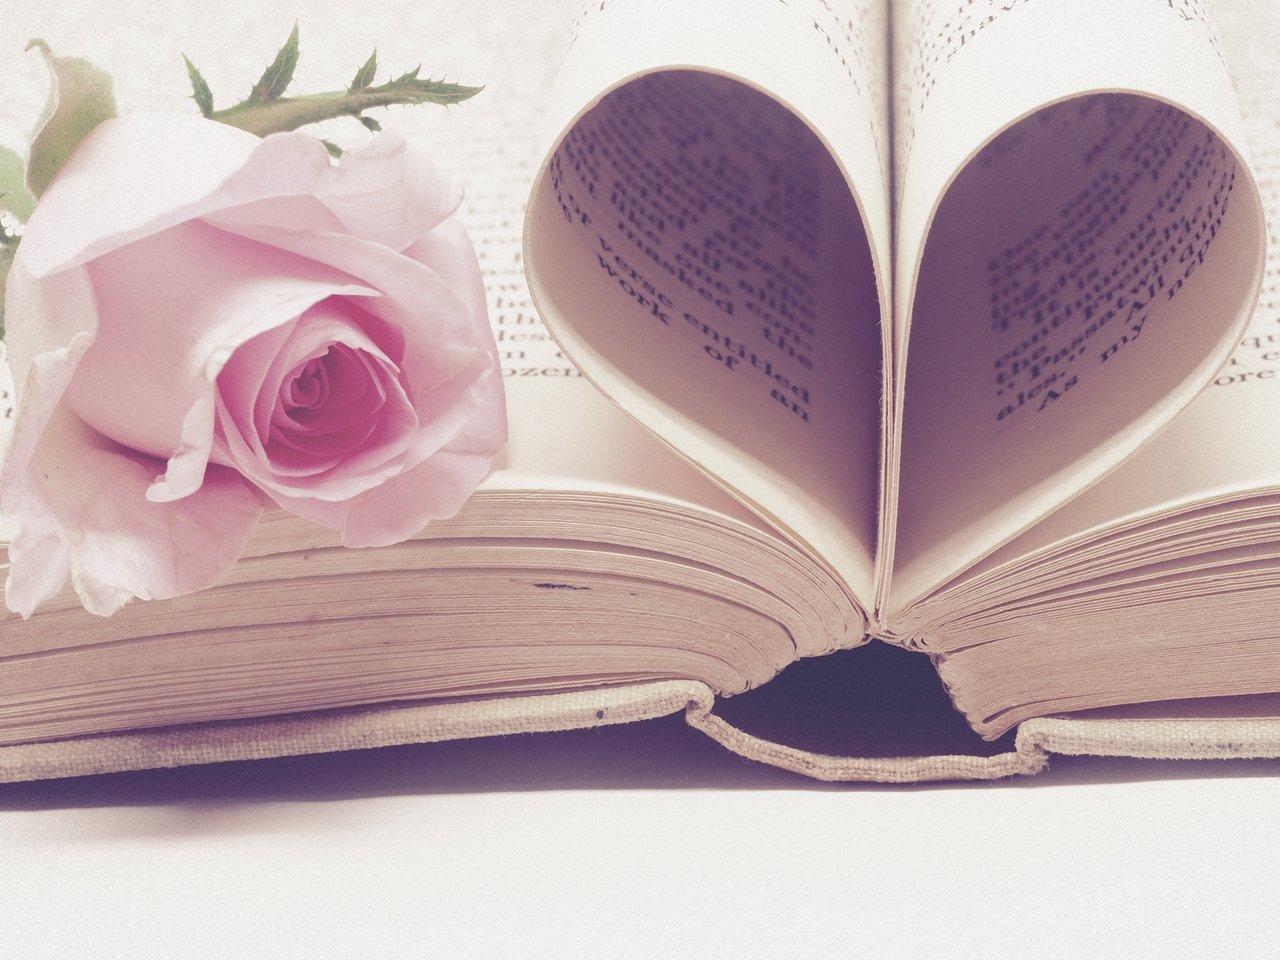 literature-3060241(1)